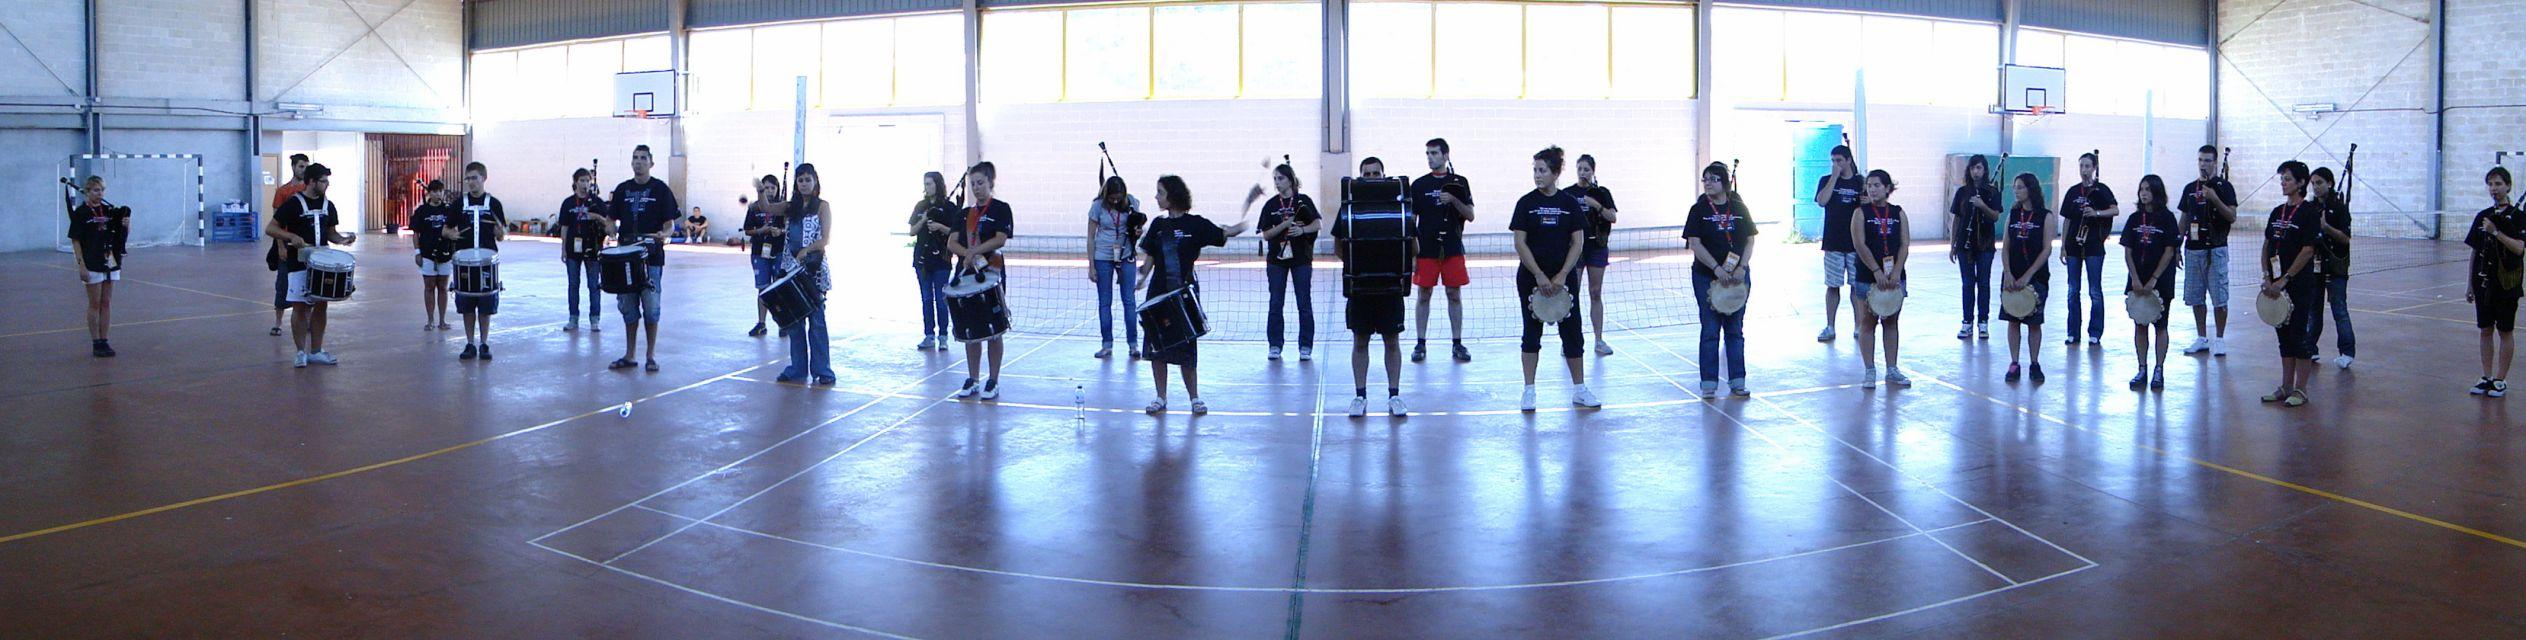 Gala Ortigueira - Banda Ensayo